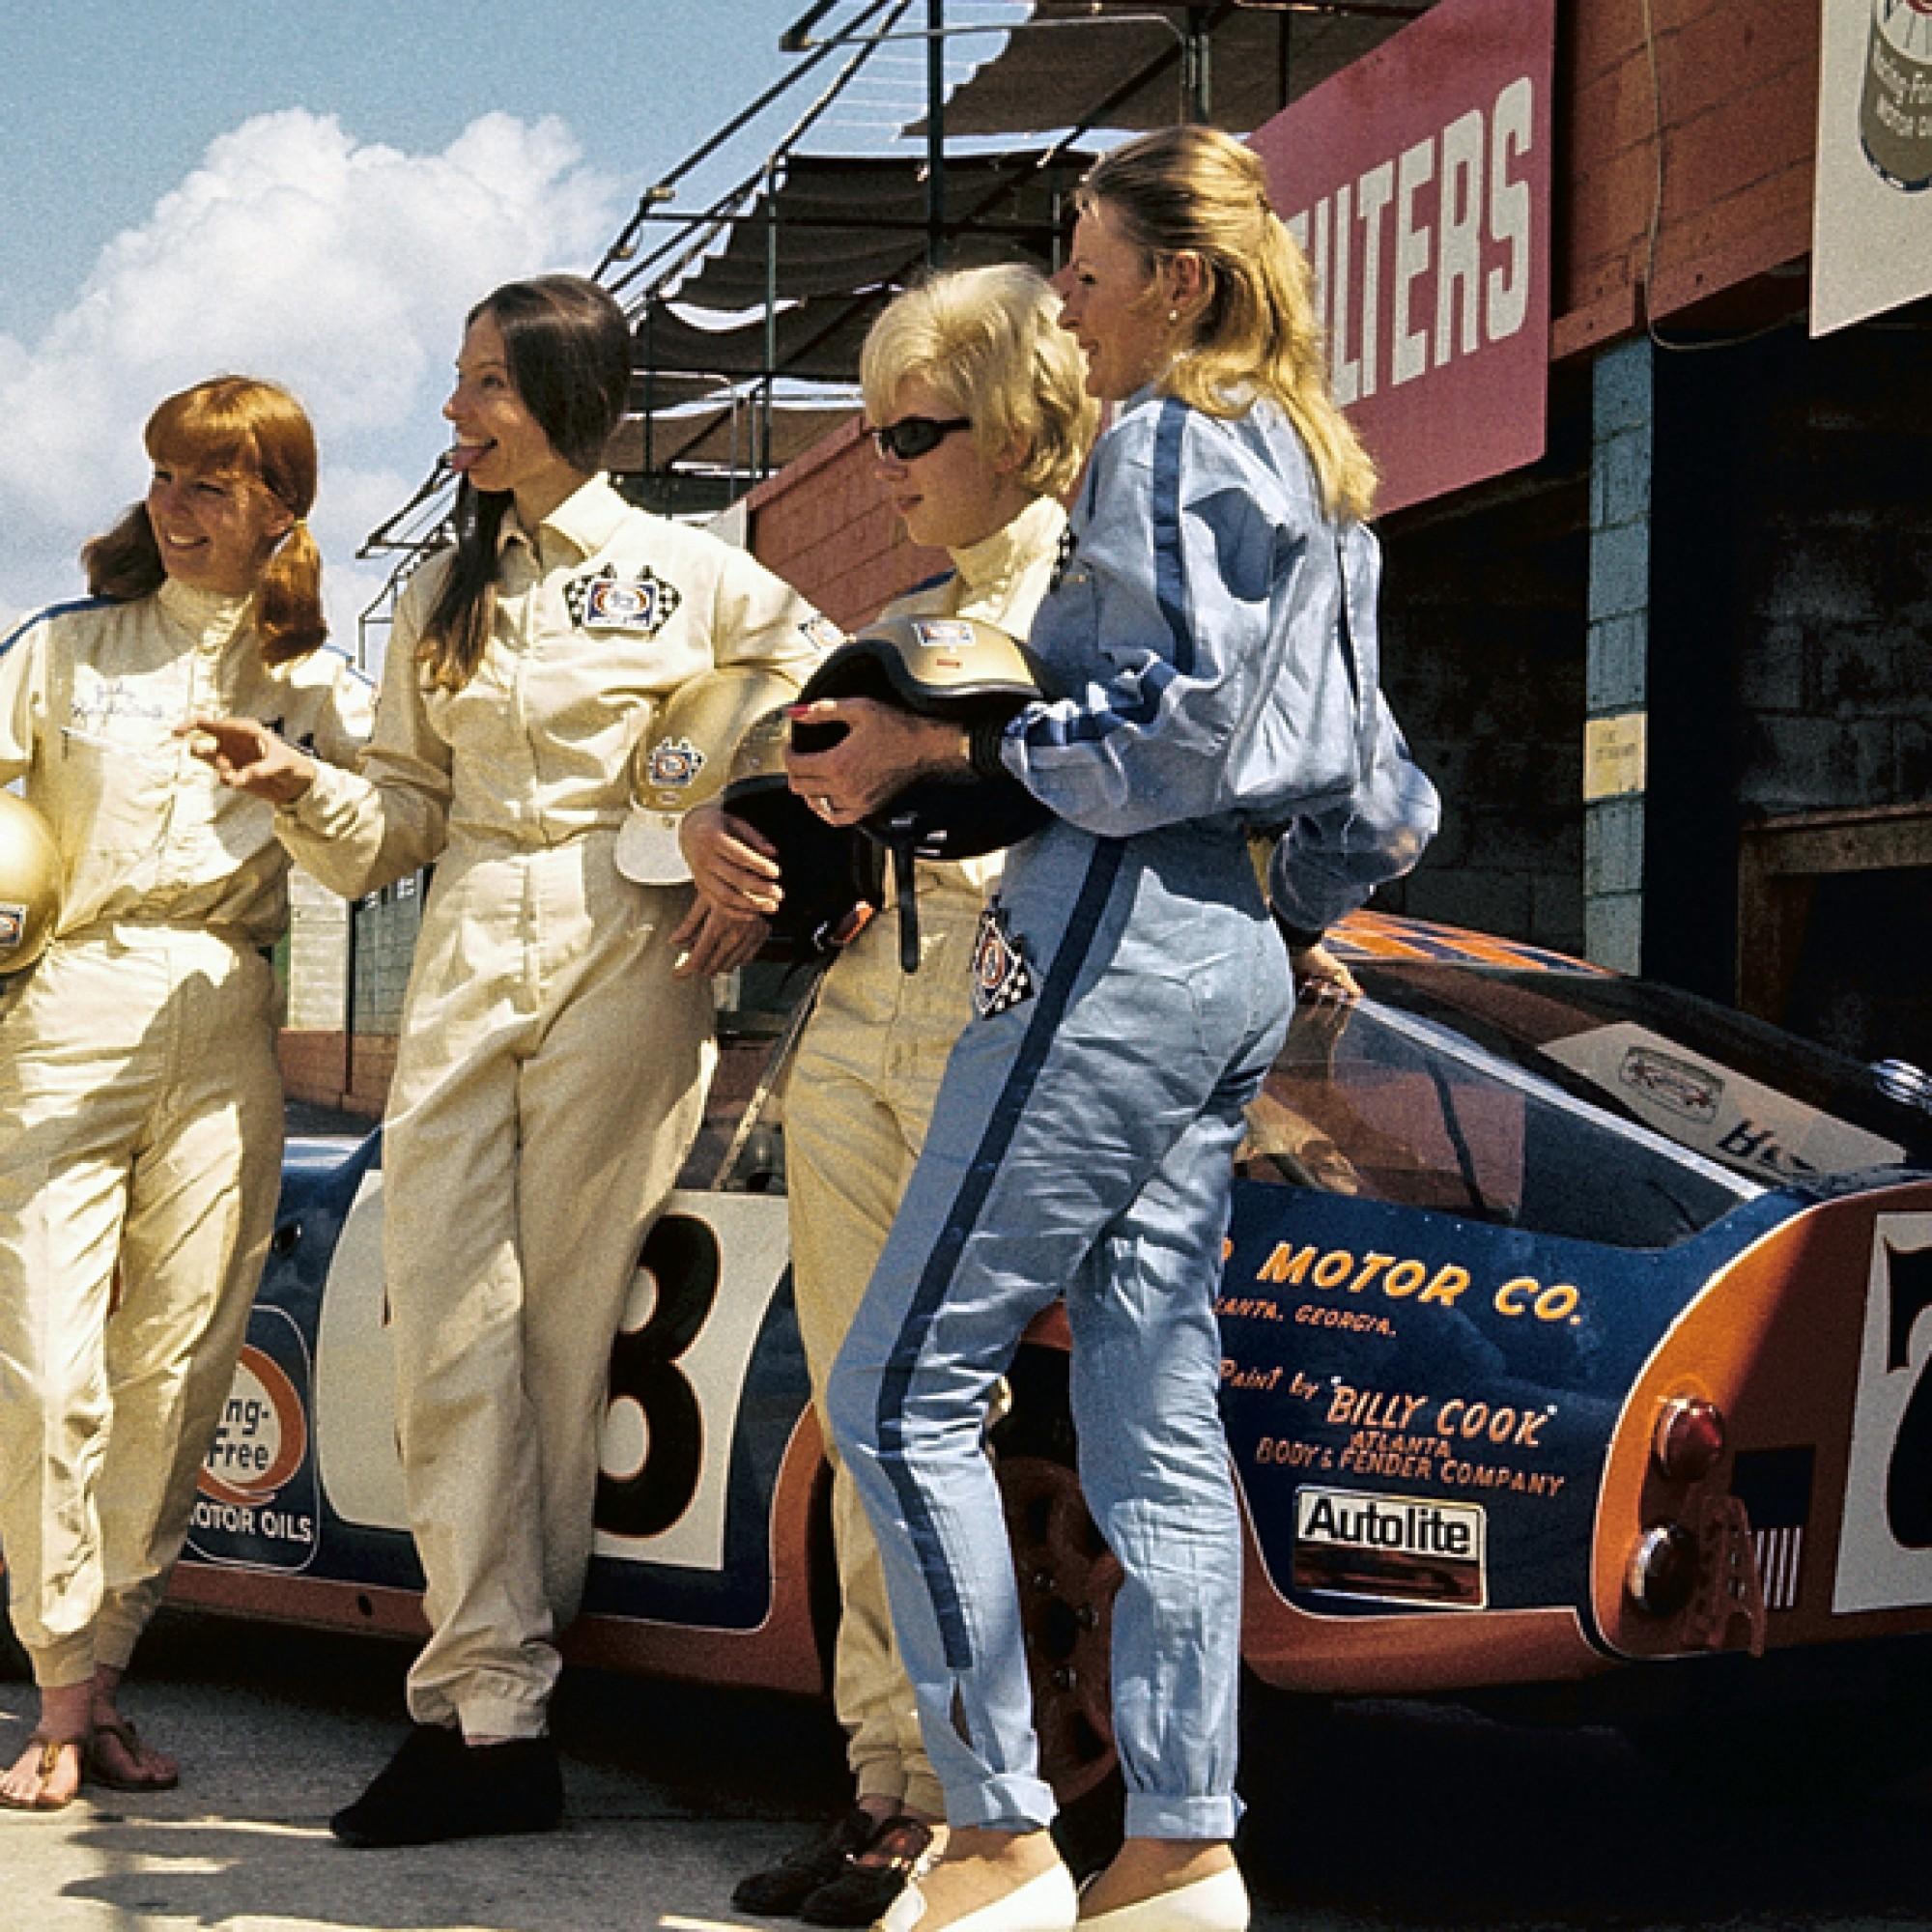 Judy Kondratieff, Janet Guthrie, Sharlene Seavey und Rosemary Smith vor ihrem Austin Healey Sprite beim 12 Stunden-Rennen Sebring, 1970. (motorsportfriends.ch, Museum im Bellpark)